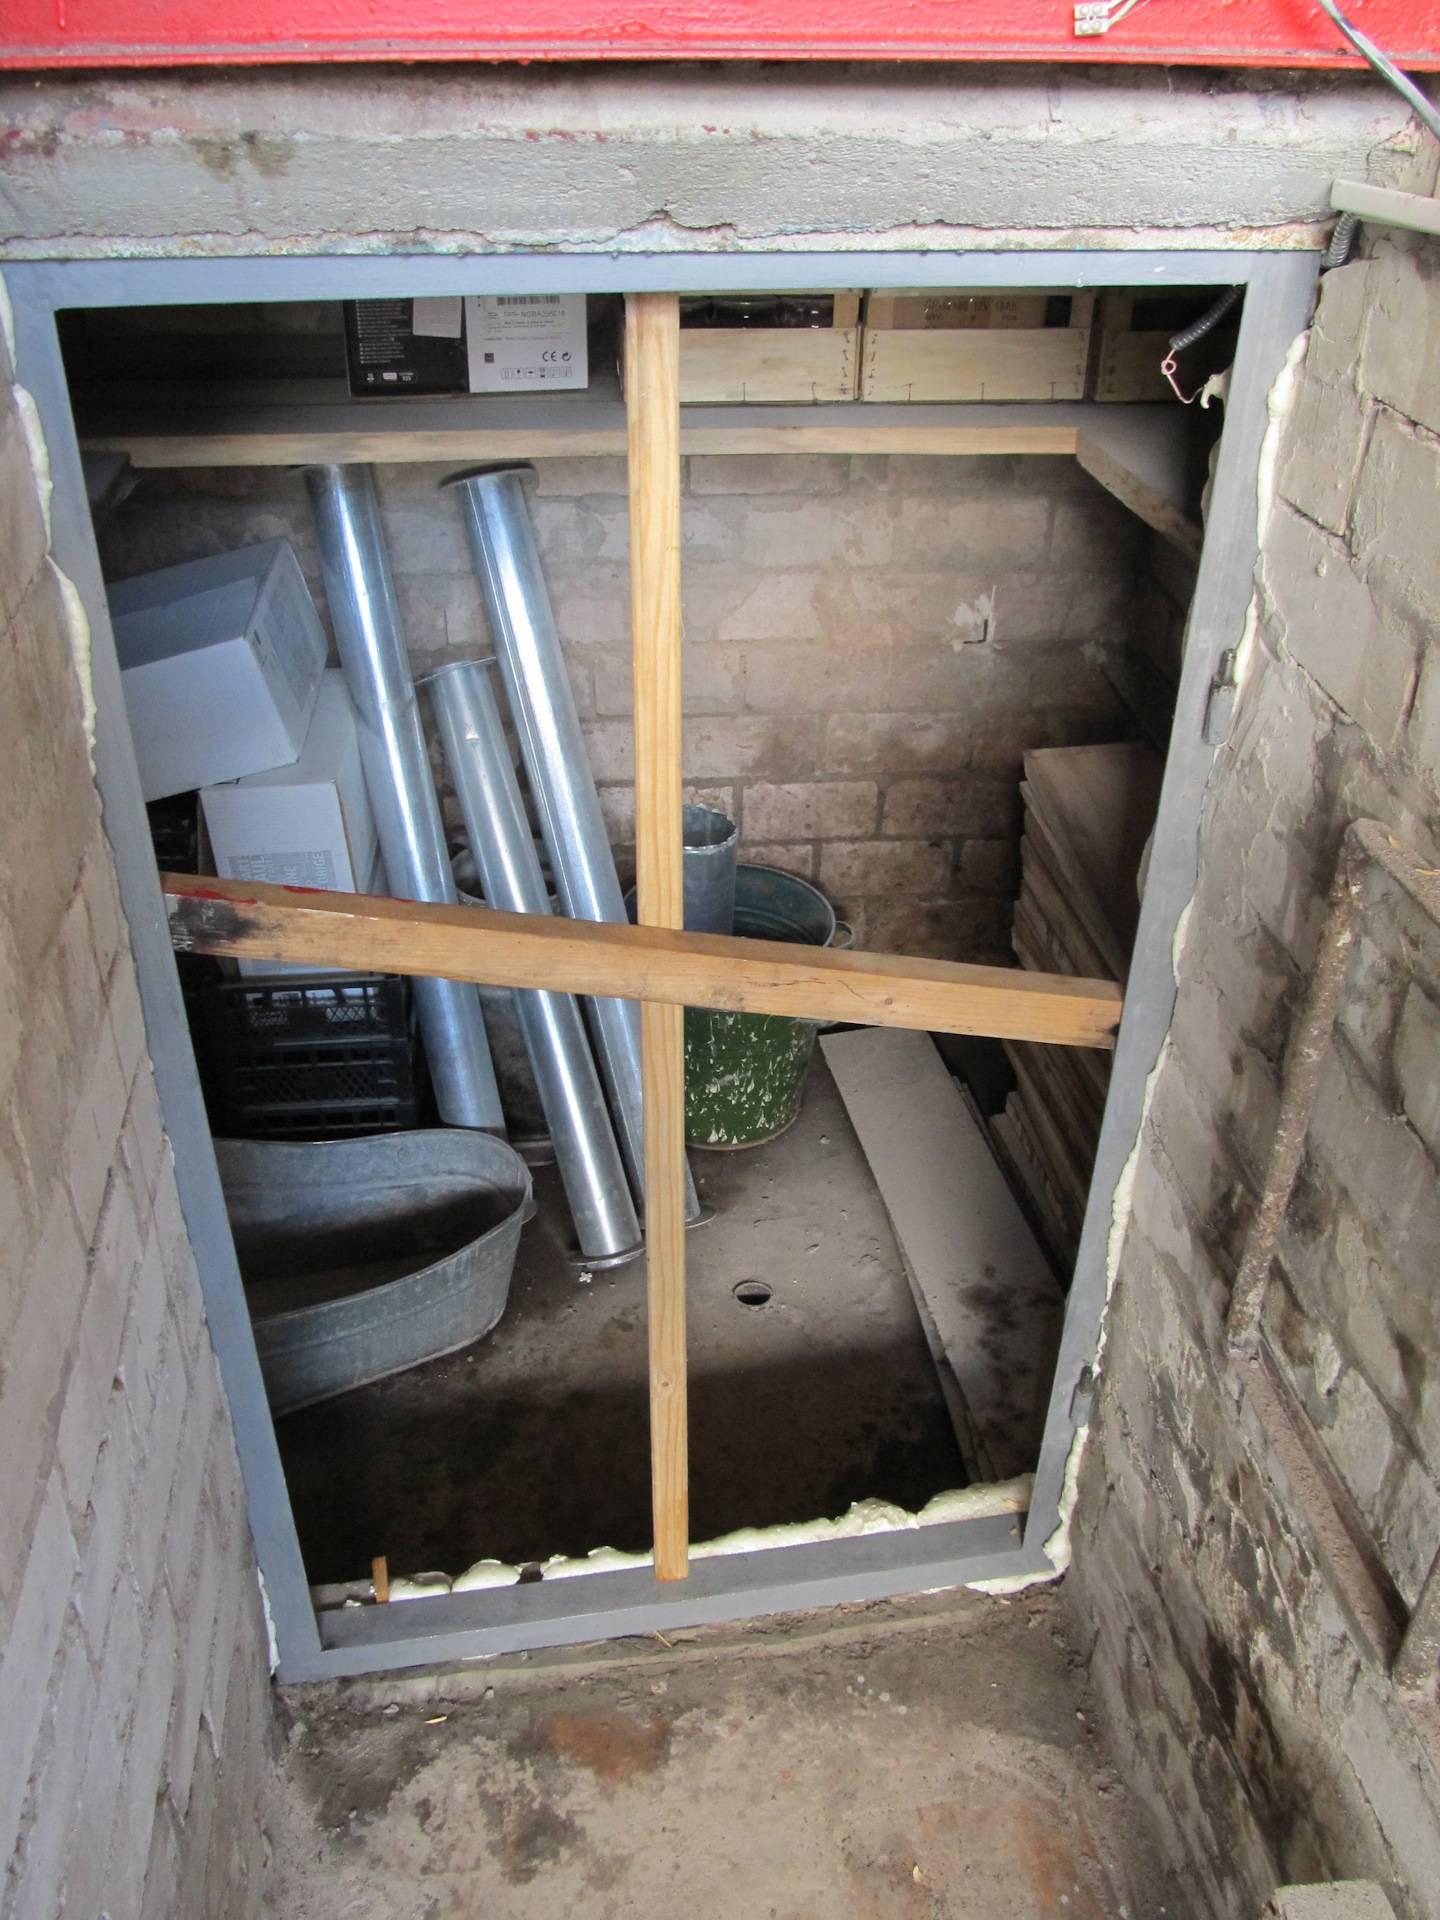 Отделка подвала в гараже - простая и недорогая изоляция стен, пола и потолка